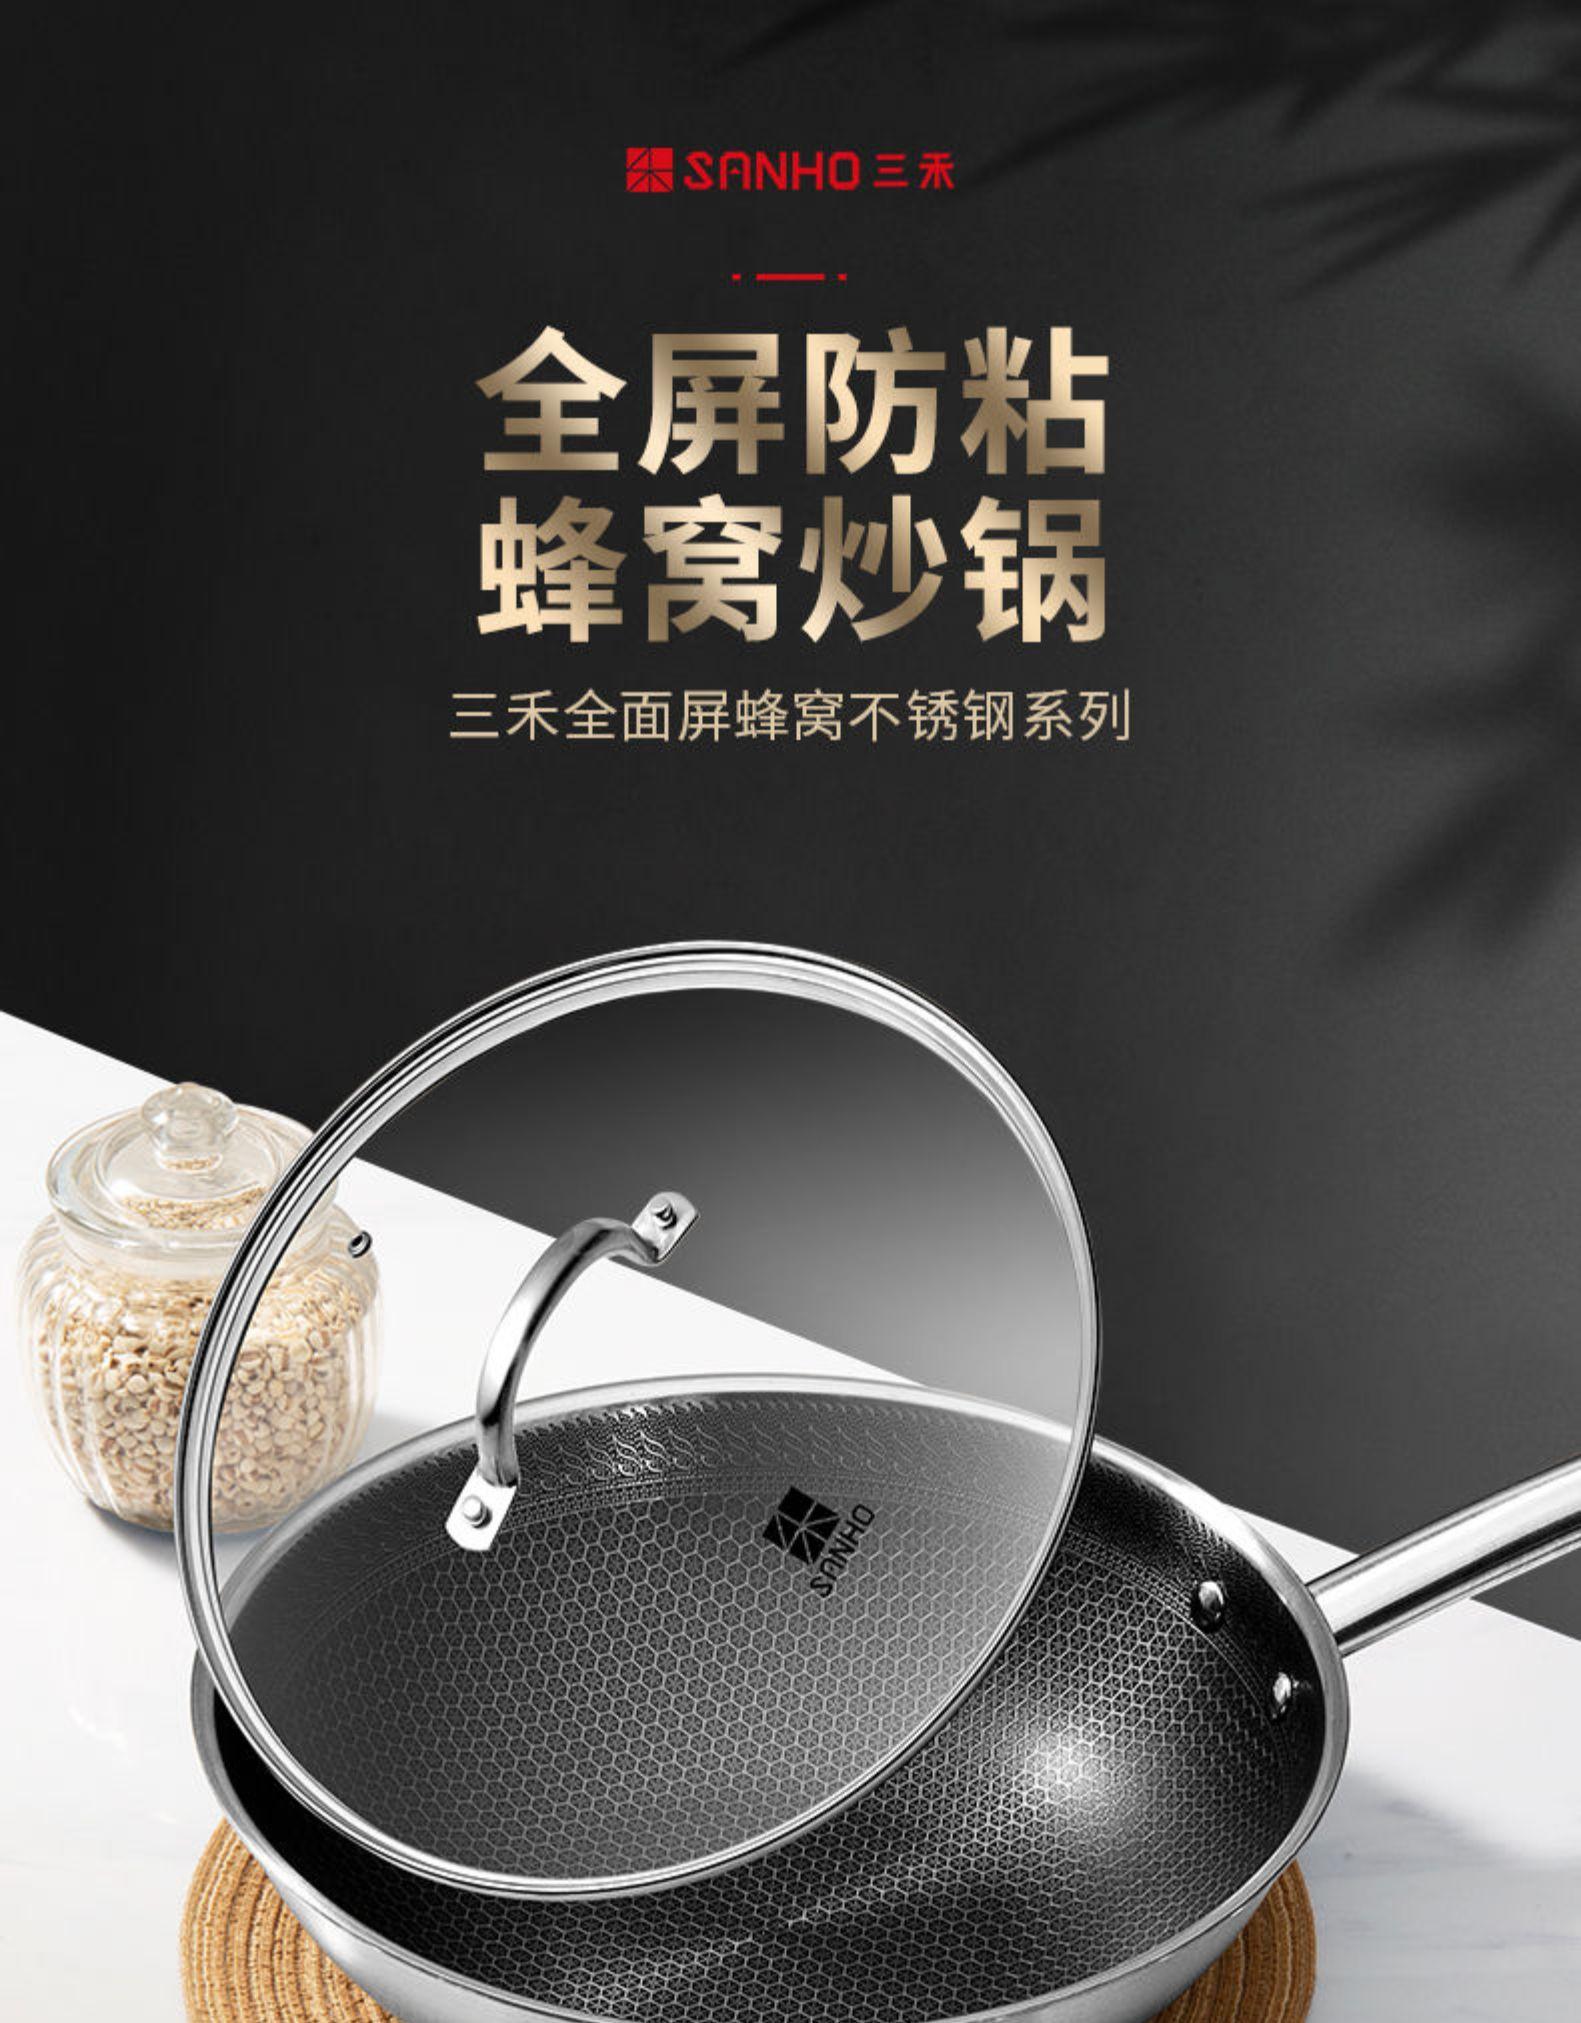 湖南卫视《中餐厅》指定餐具 三禾 蜂窝无涂层不锈钢炒锅 30cm 双重优惠折后¥99包邮